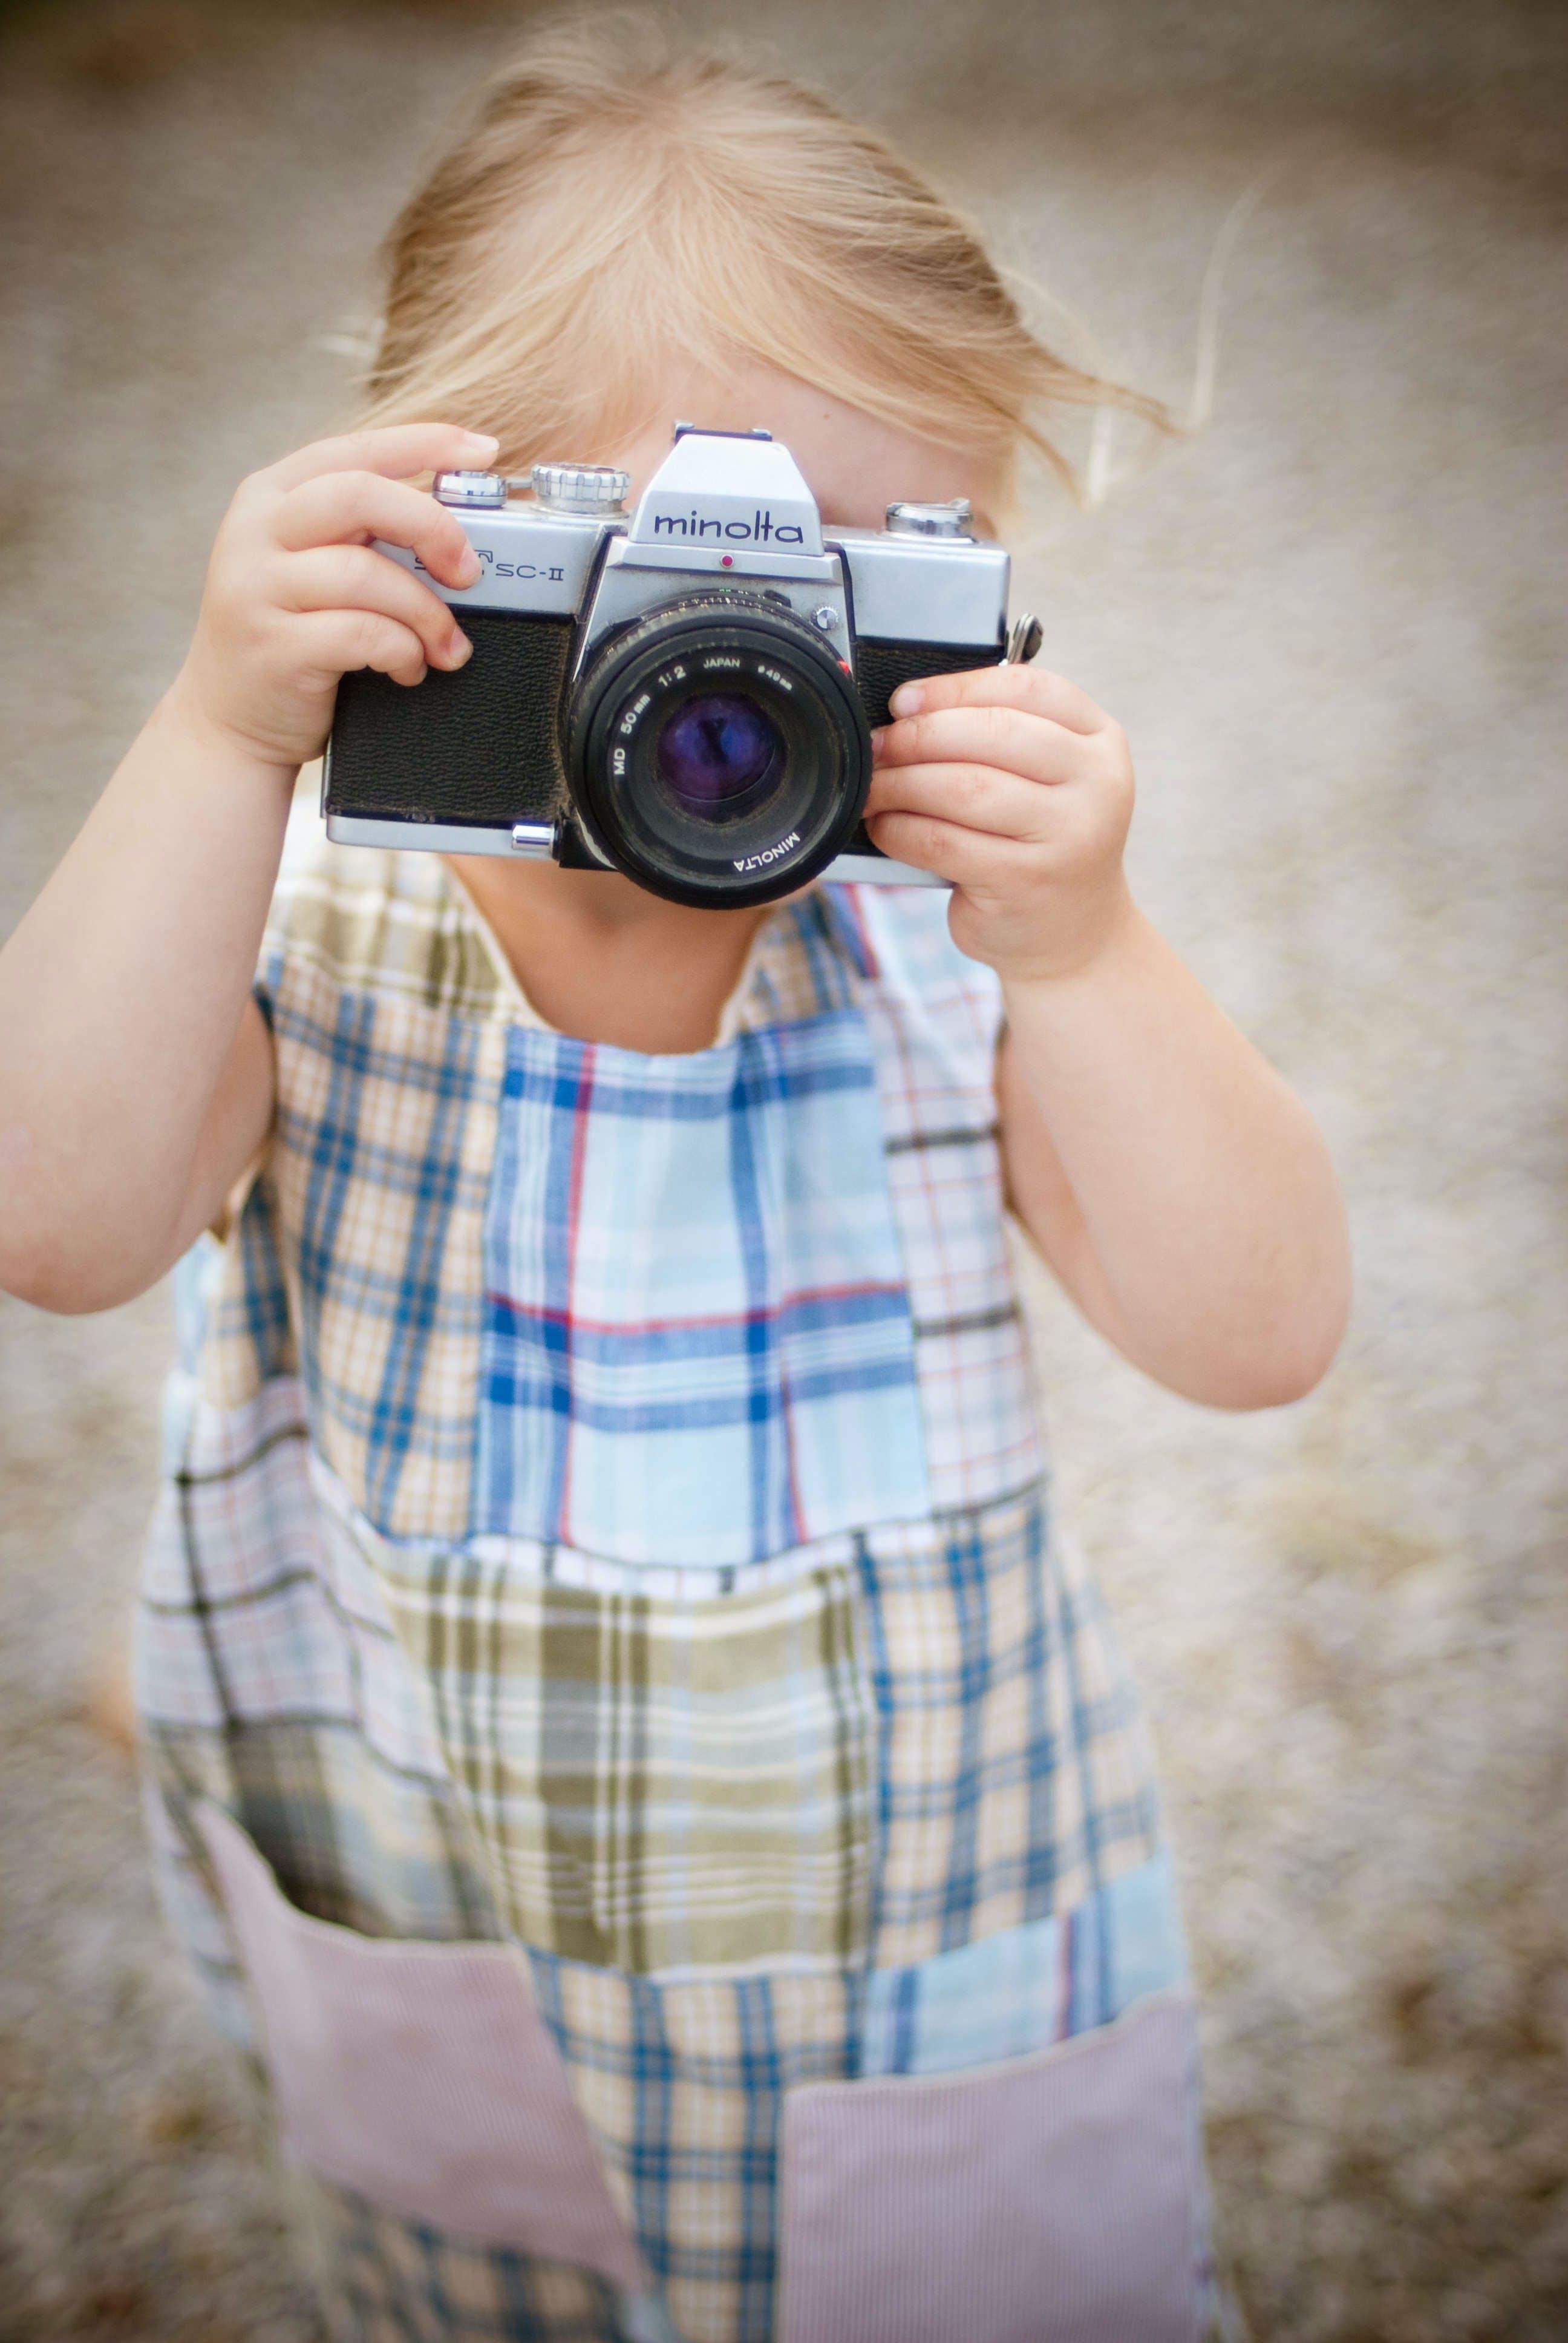 Toddler's Taking Photo